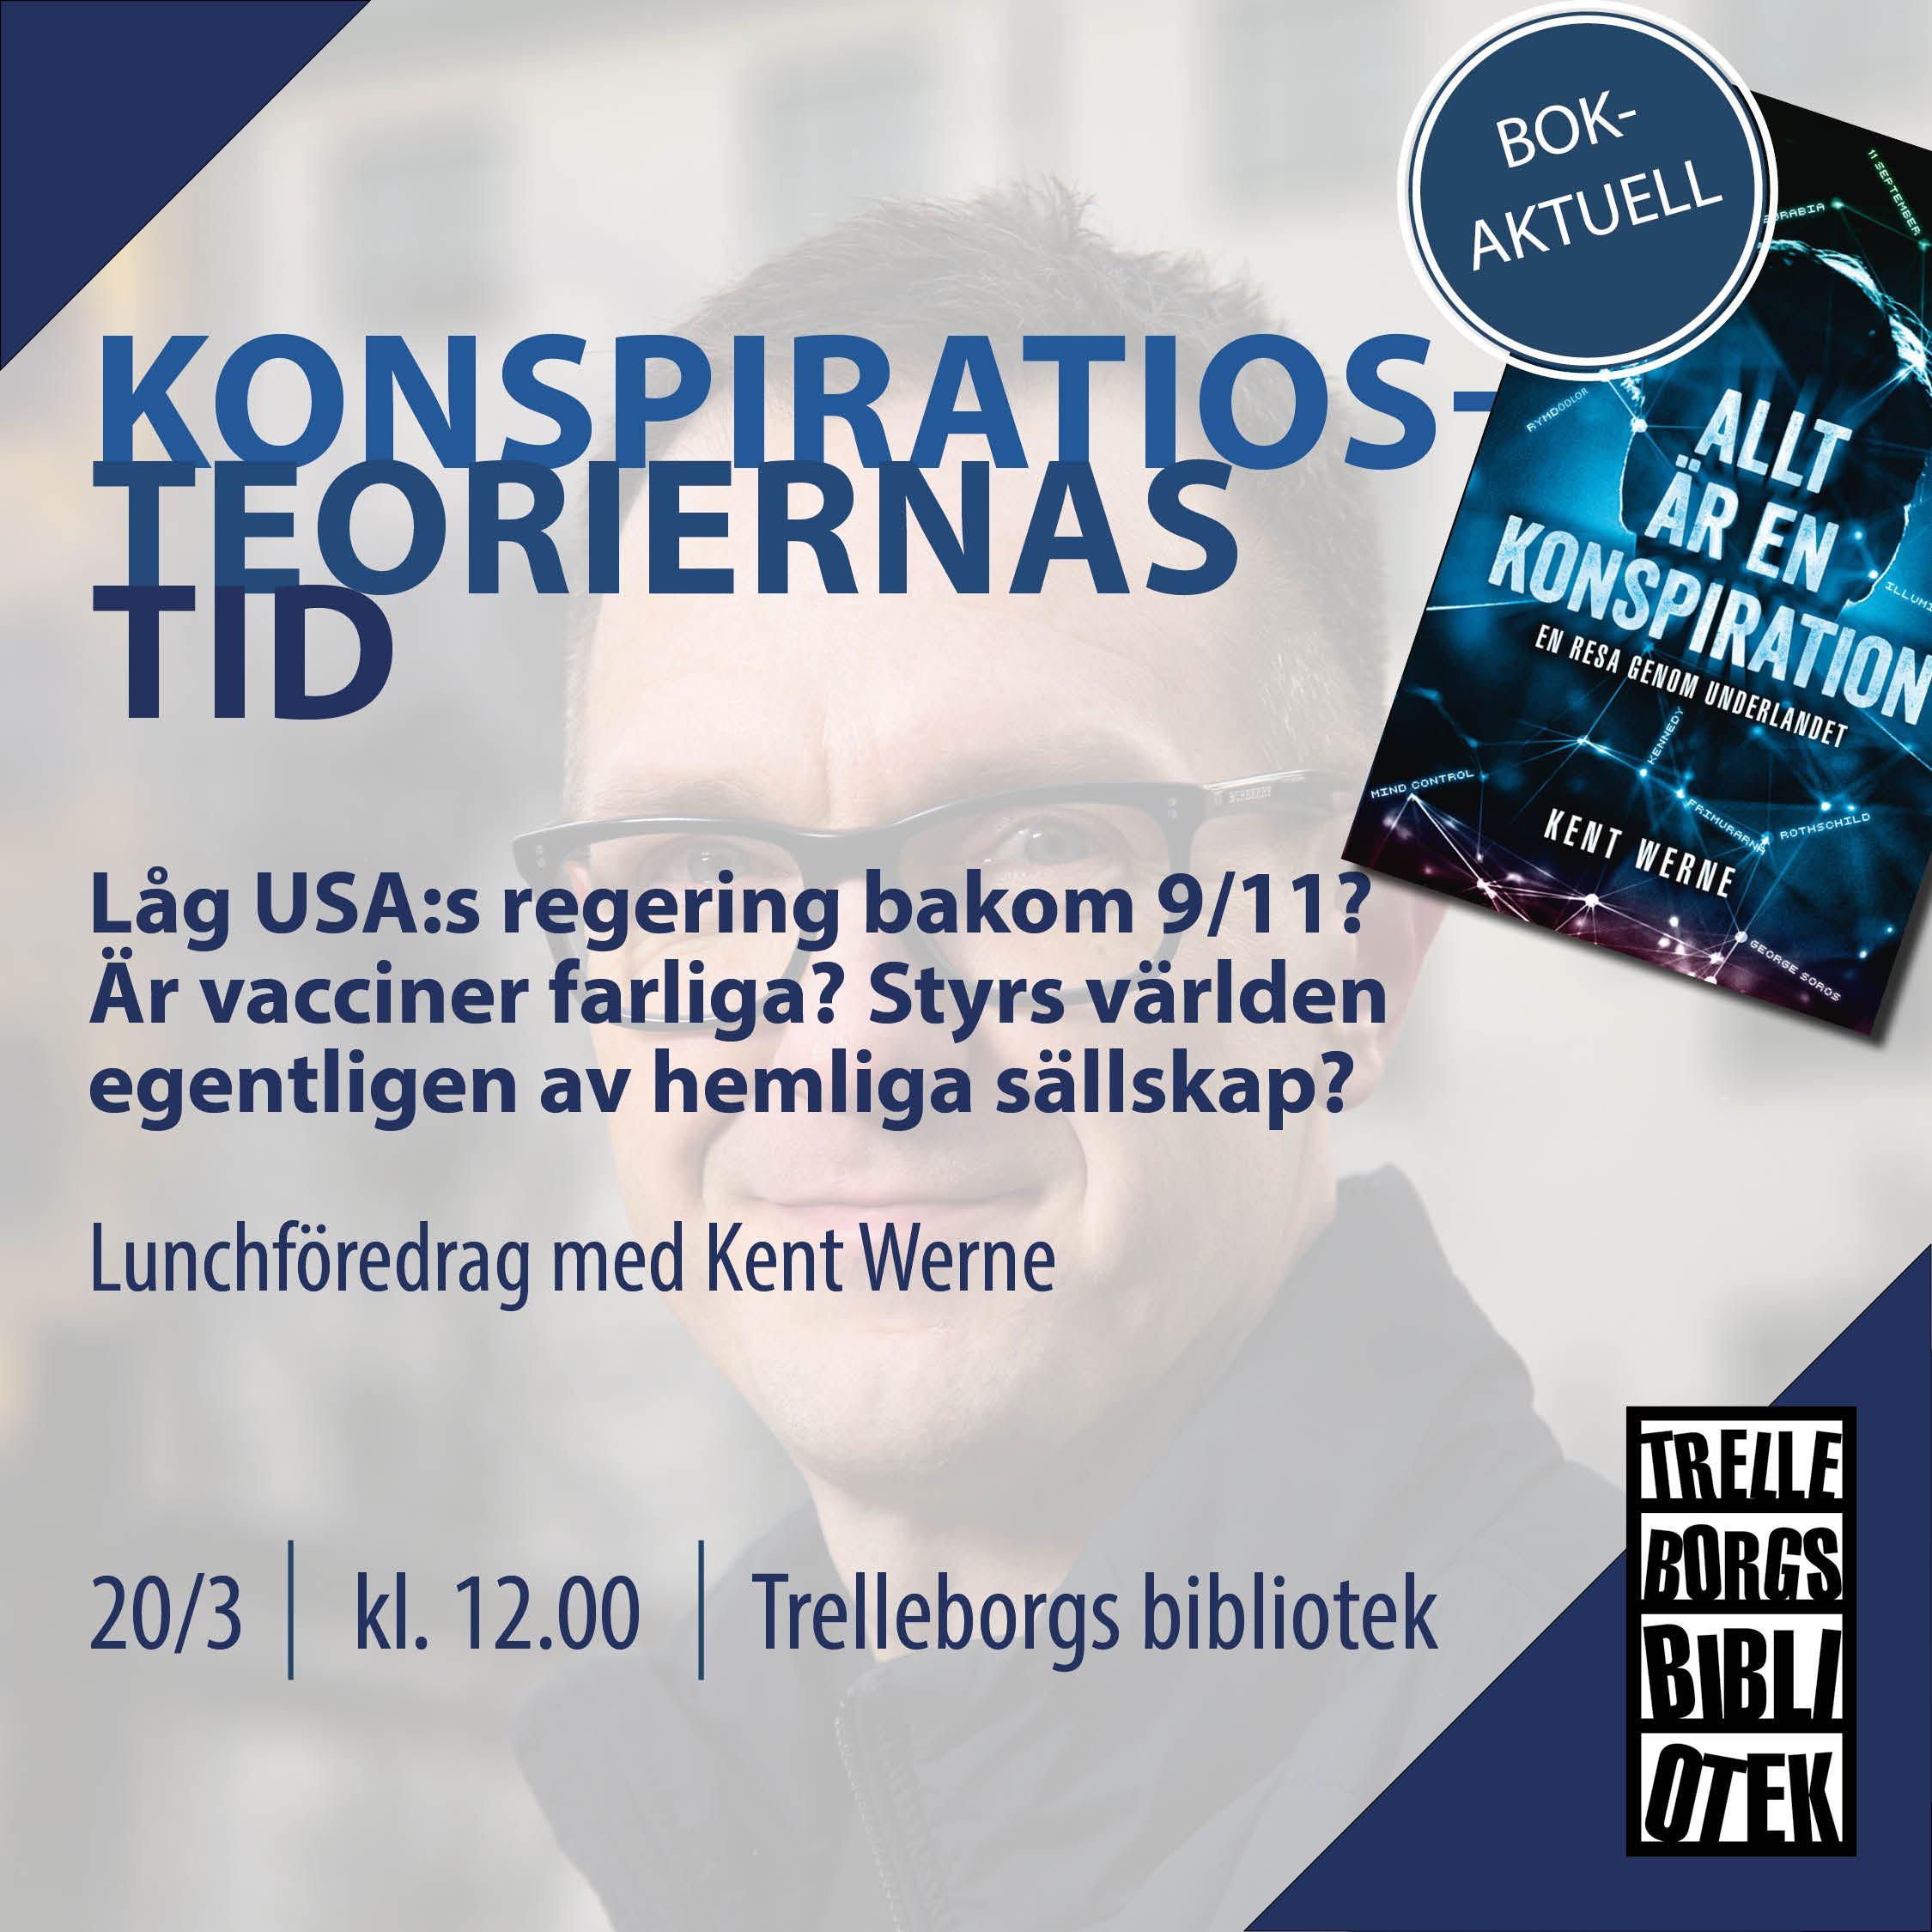 Lunchföredrag: Konspirationsteoriernas tid